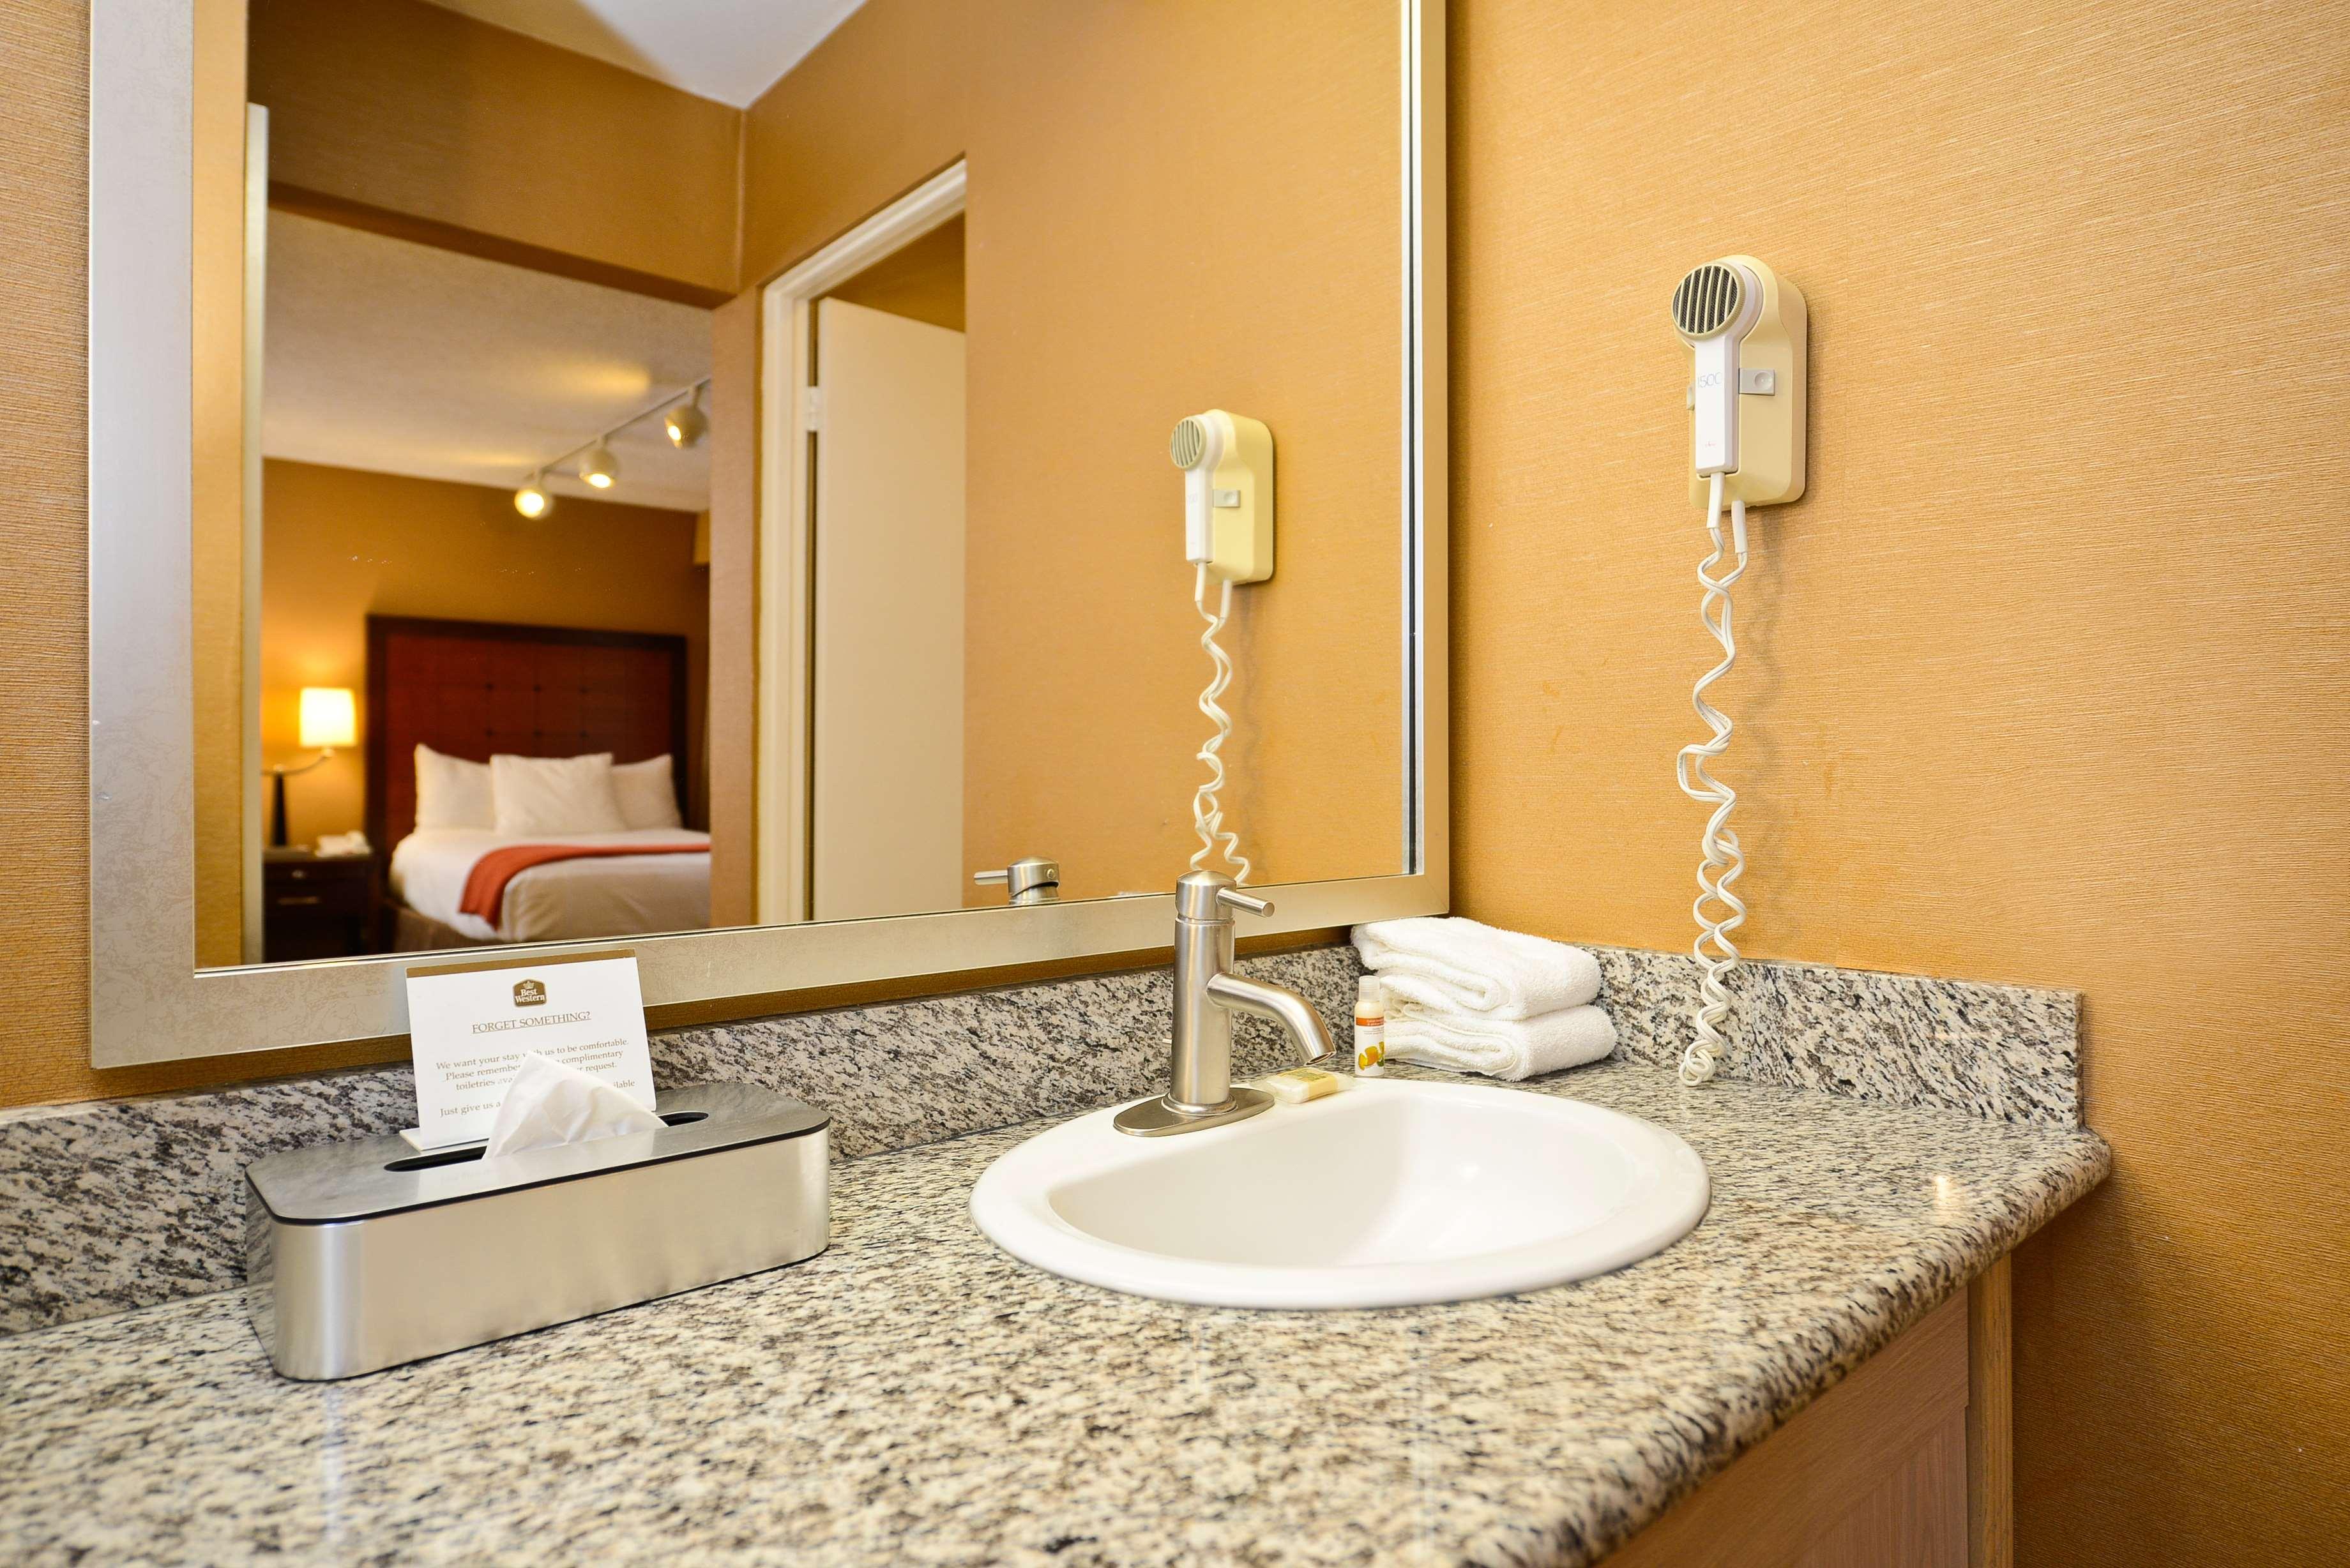 Best Western Inn at Palm Springs image 32